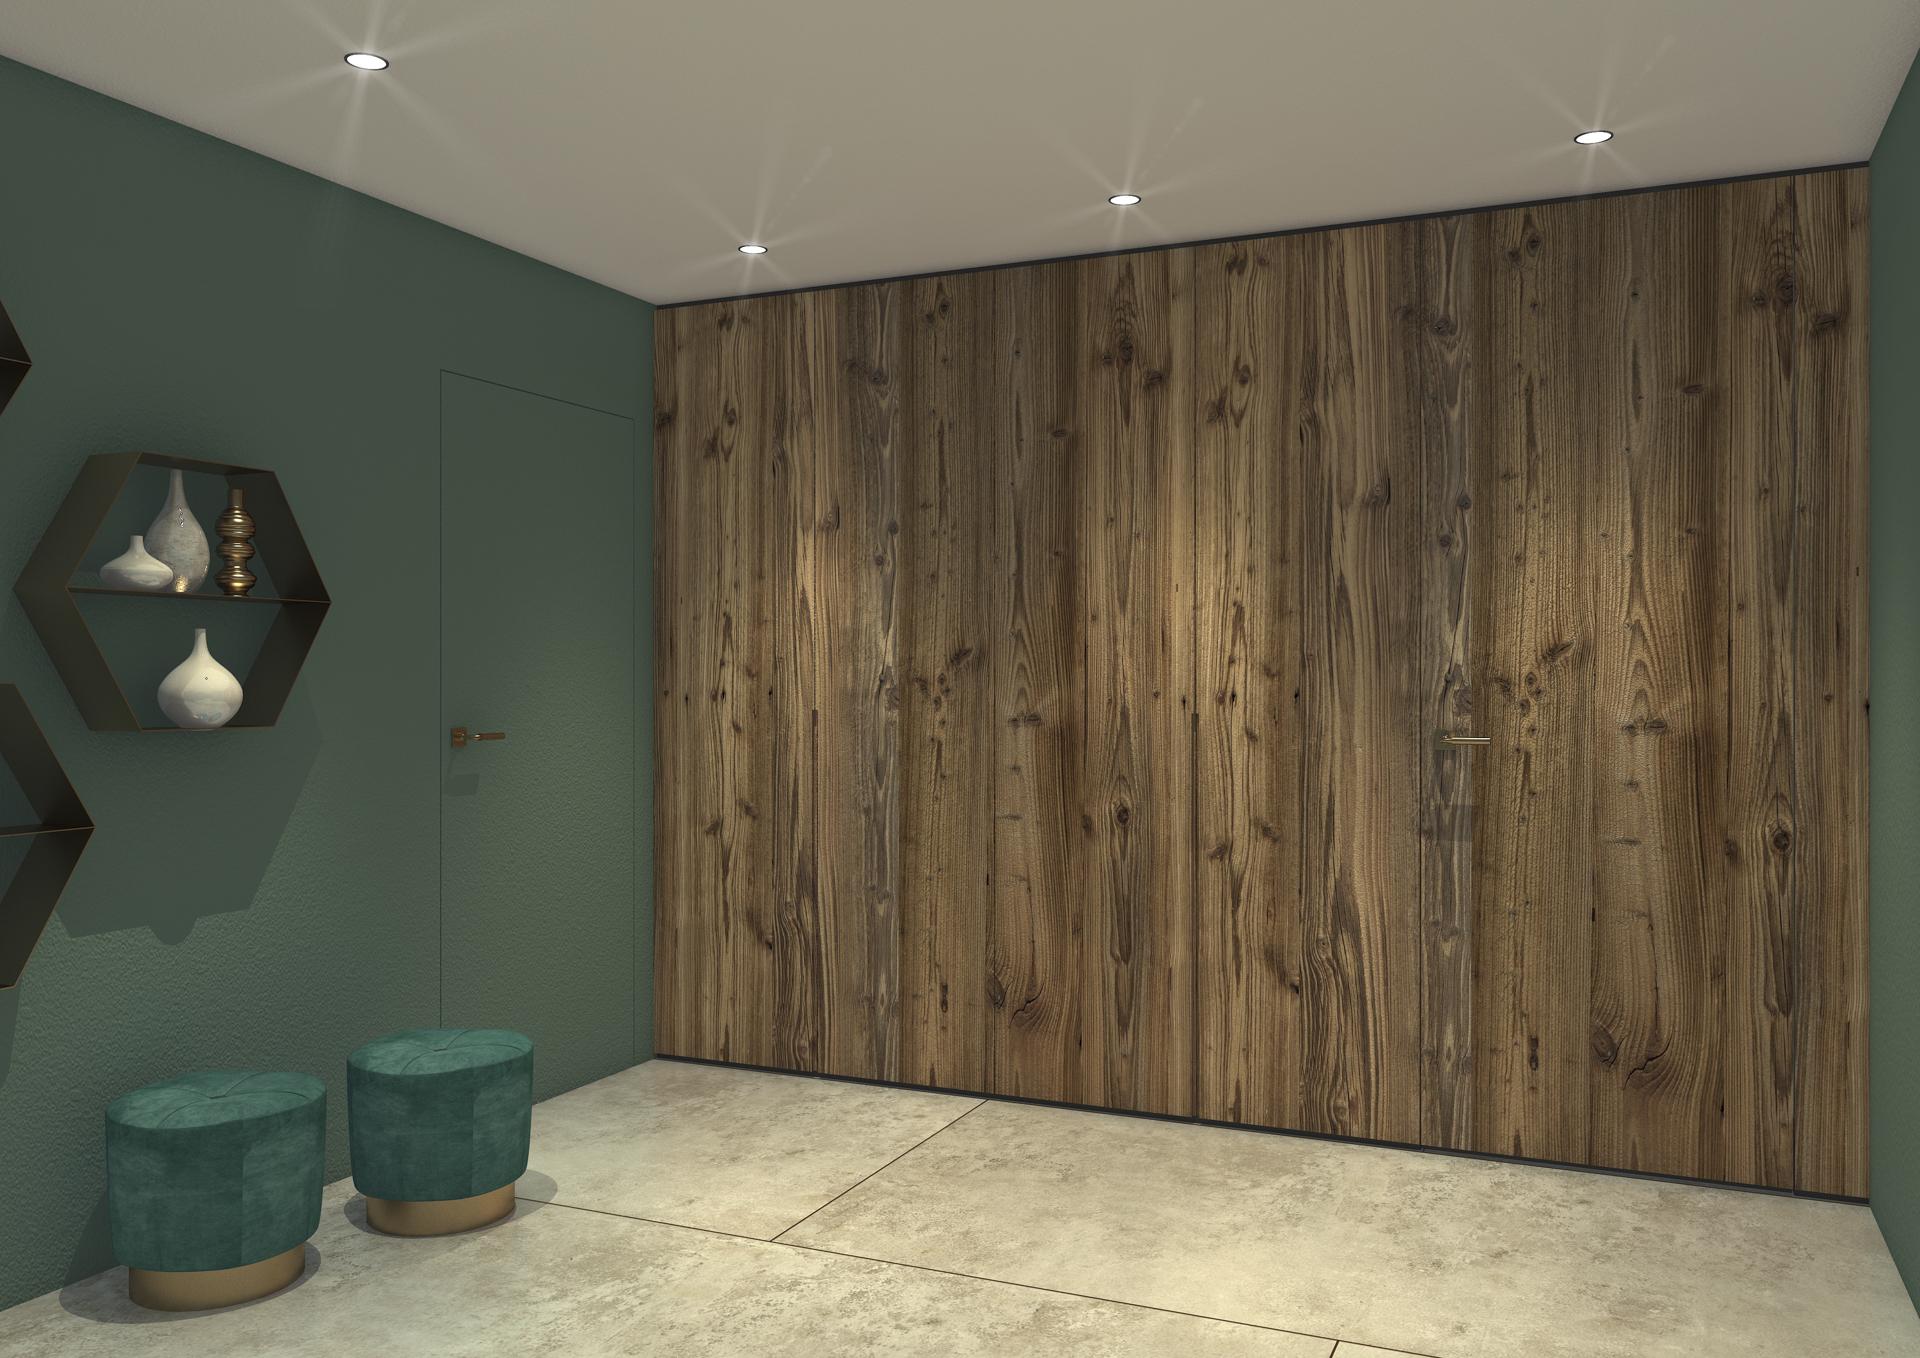 tischlerei-decker-visualisierungen-Garderobe-Vorraum